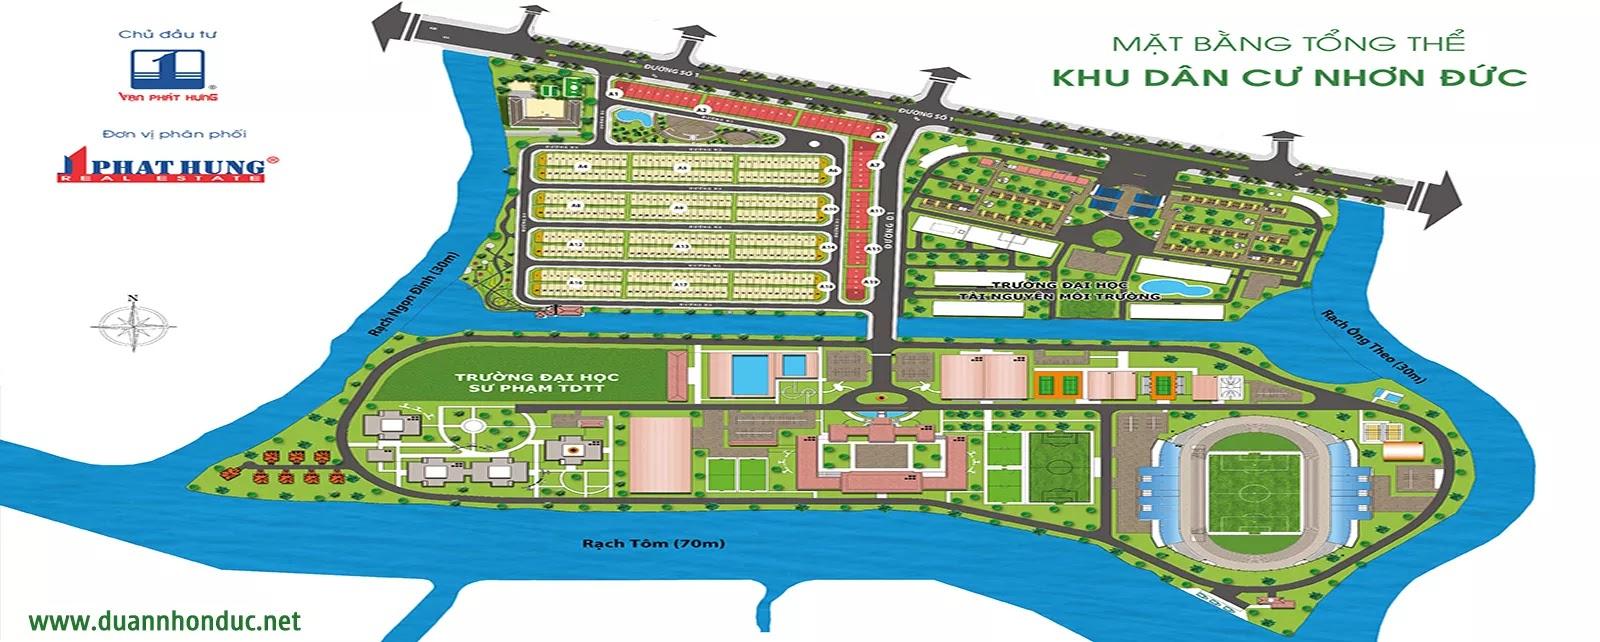 BĐS khu vực Nhơn Đức (huyện Nhà Bè) đang trở thành kênh đầu tư đầy tiềm năng cho nhiều khách hàng